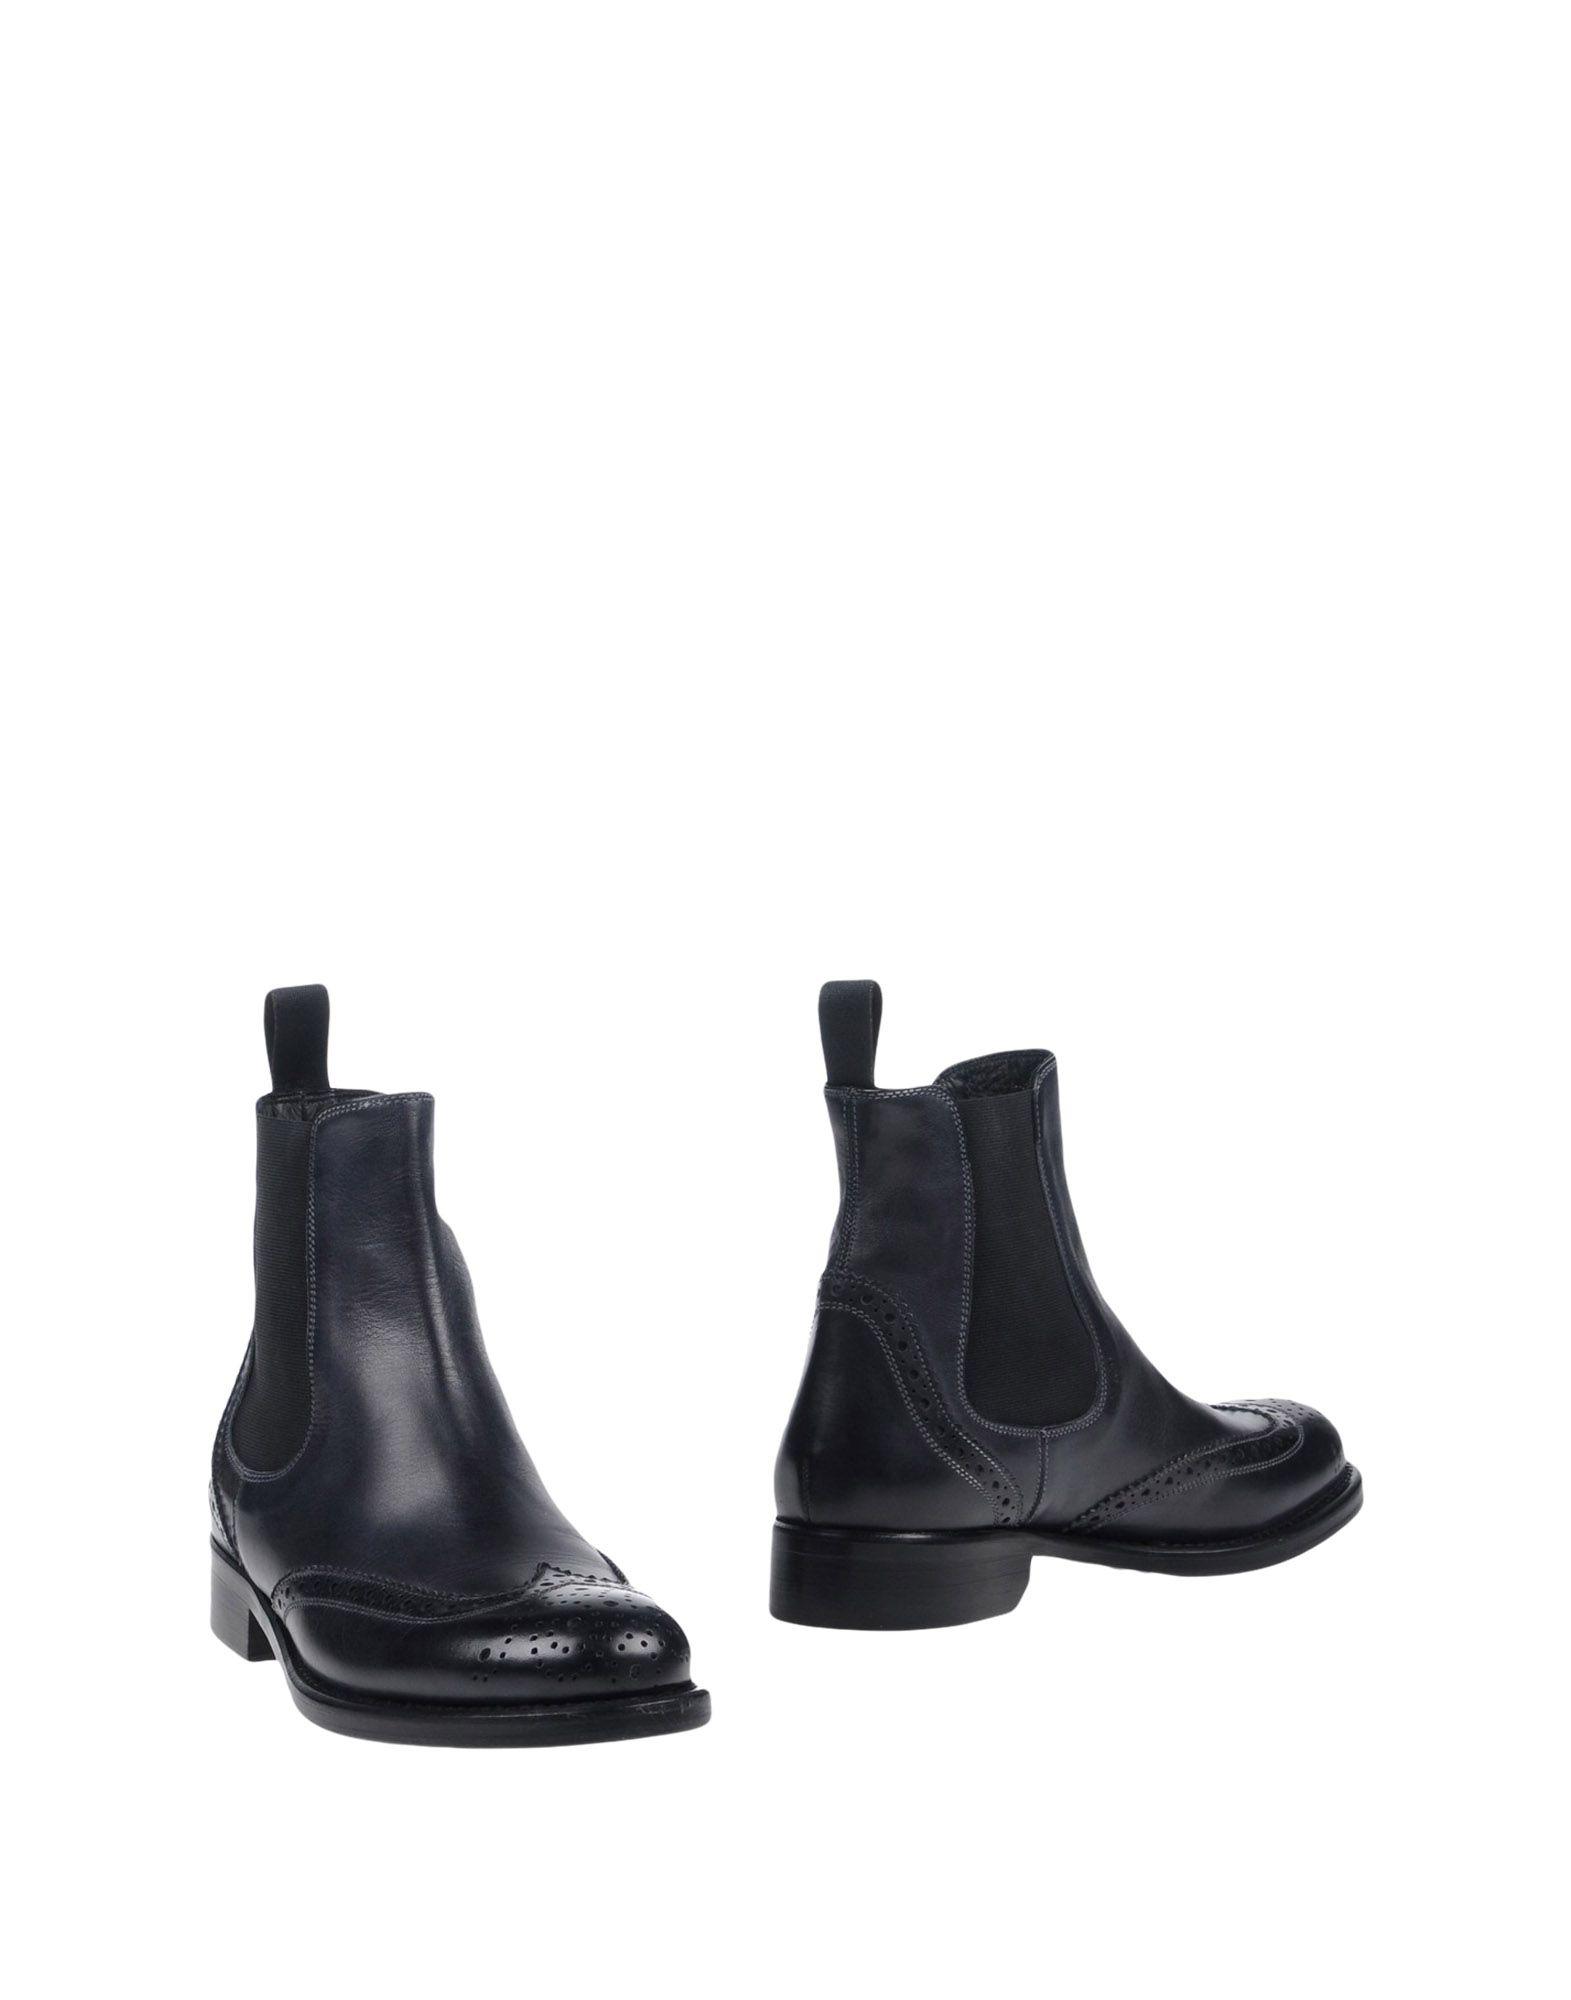 Stilvolle Chelsea billige Schuhe Jerold Wilton Chelsea Stilvolle Boots Damen  11457812TJ b92a9f